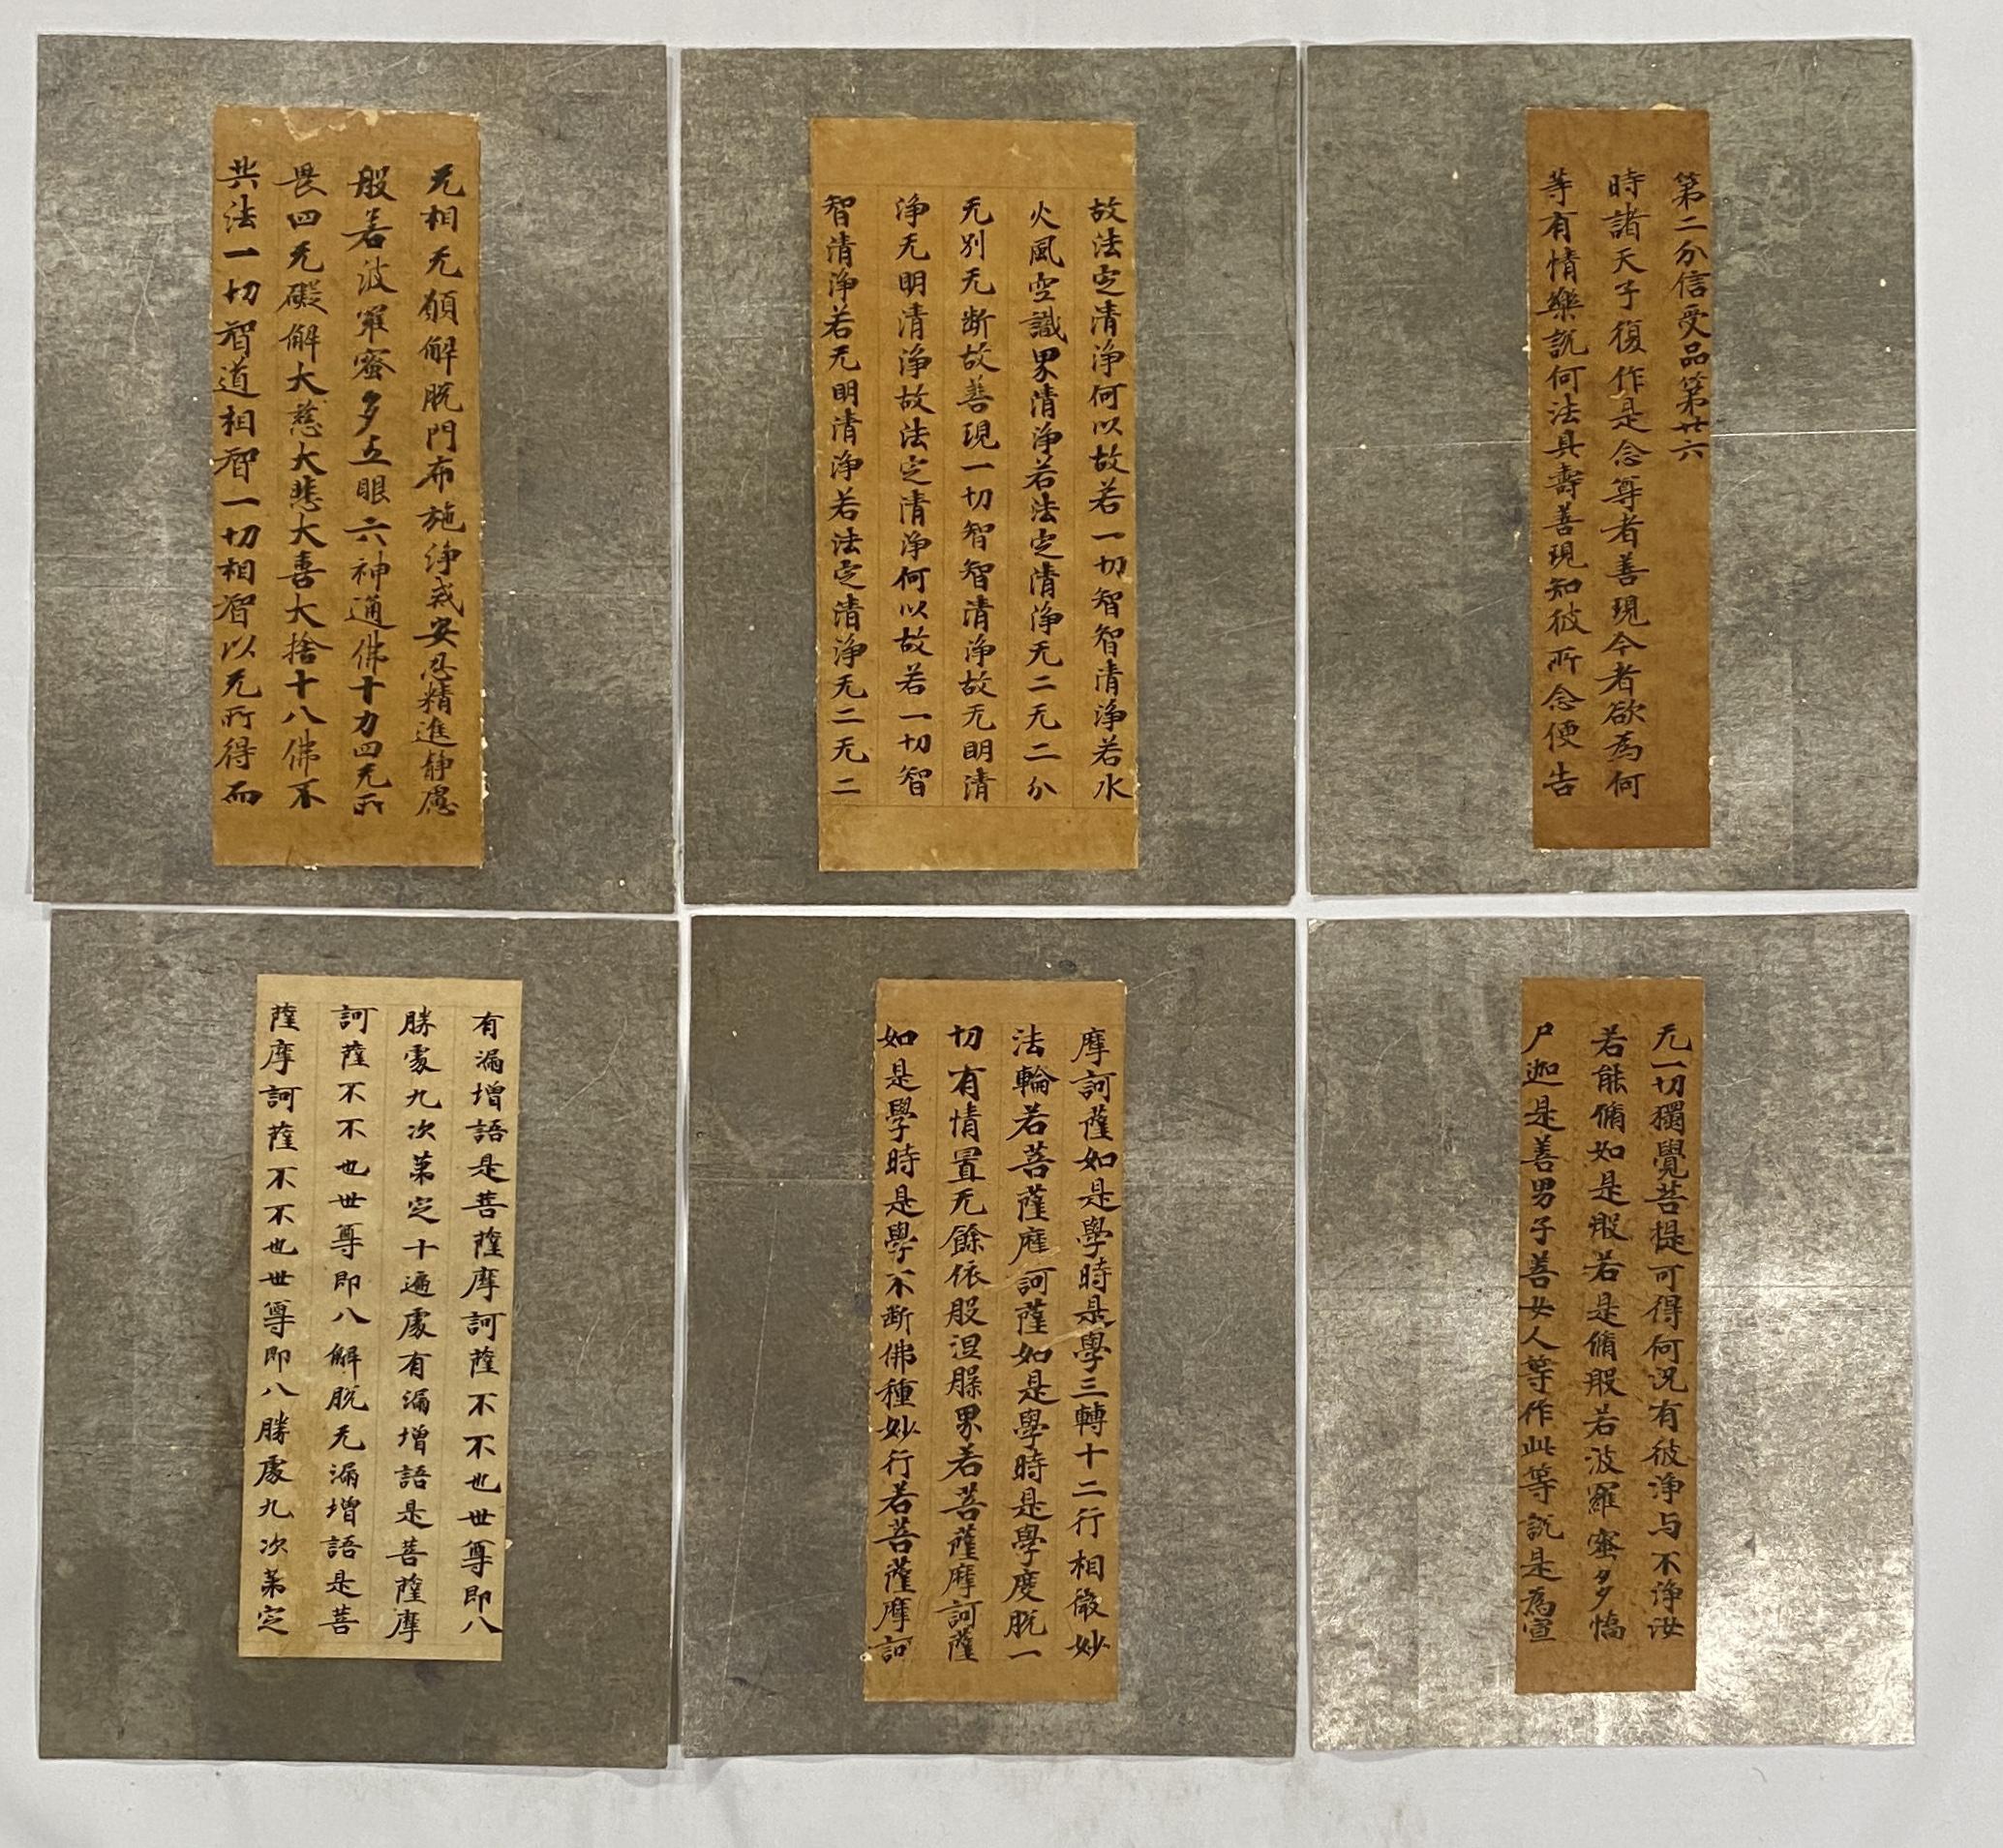 10322唐「第二分信受品第二十六」古経 片等 計6件26.8×6.8cm他